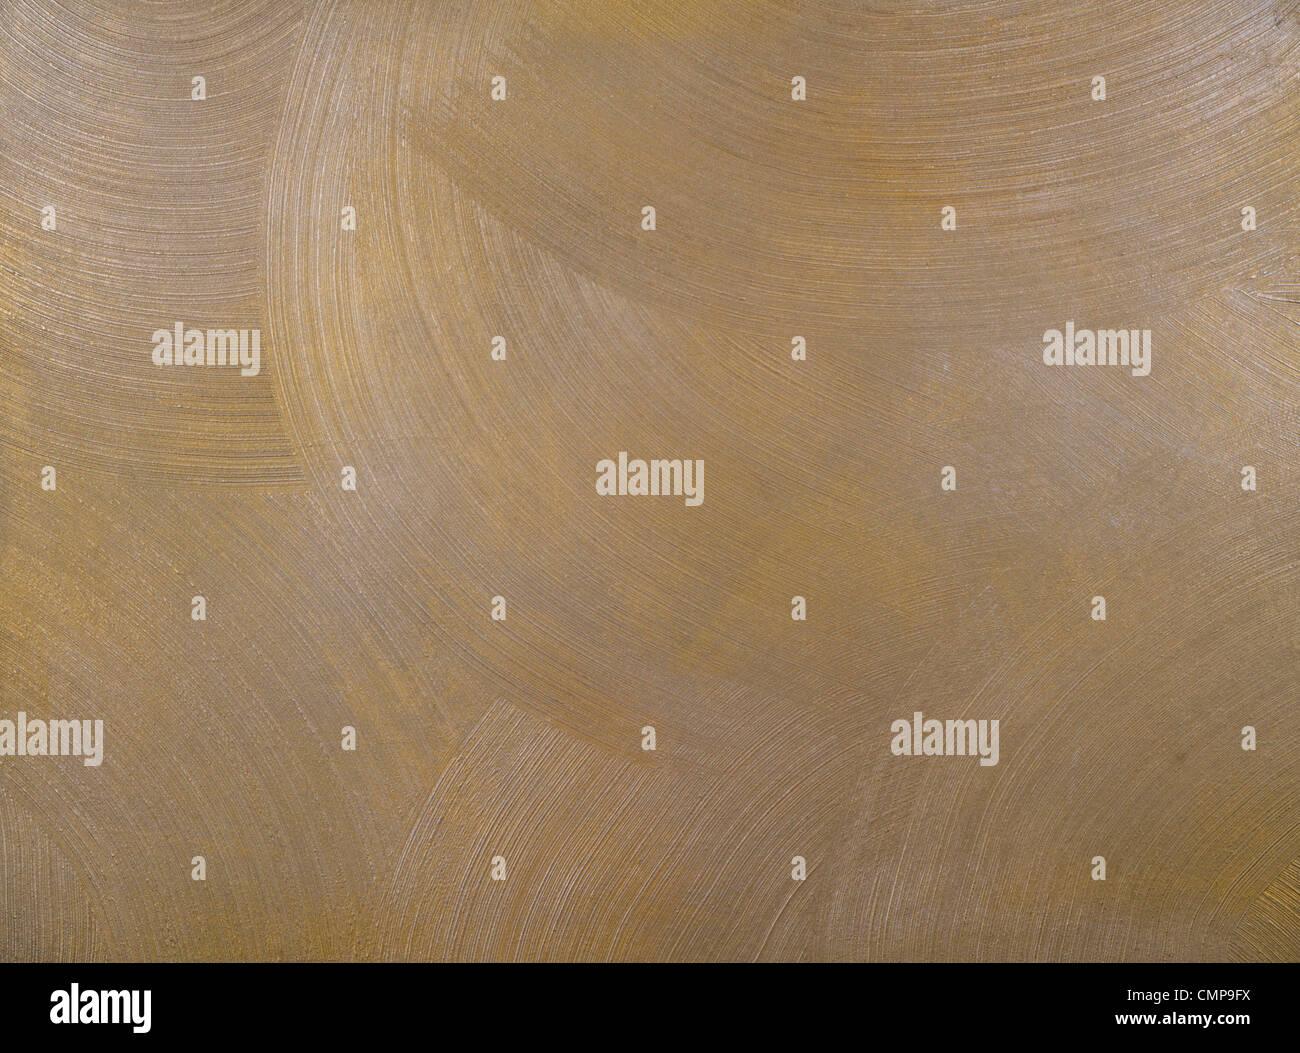 La texture di un muro di cemento rivestito con vernice metallica con frequenti, rotondo, centric tratti. Immagini Stock